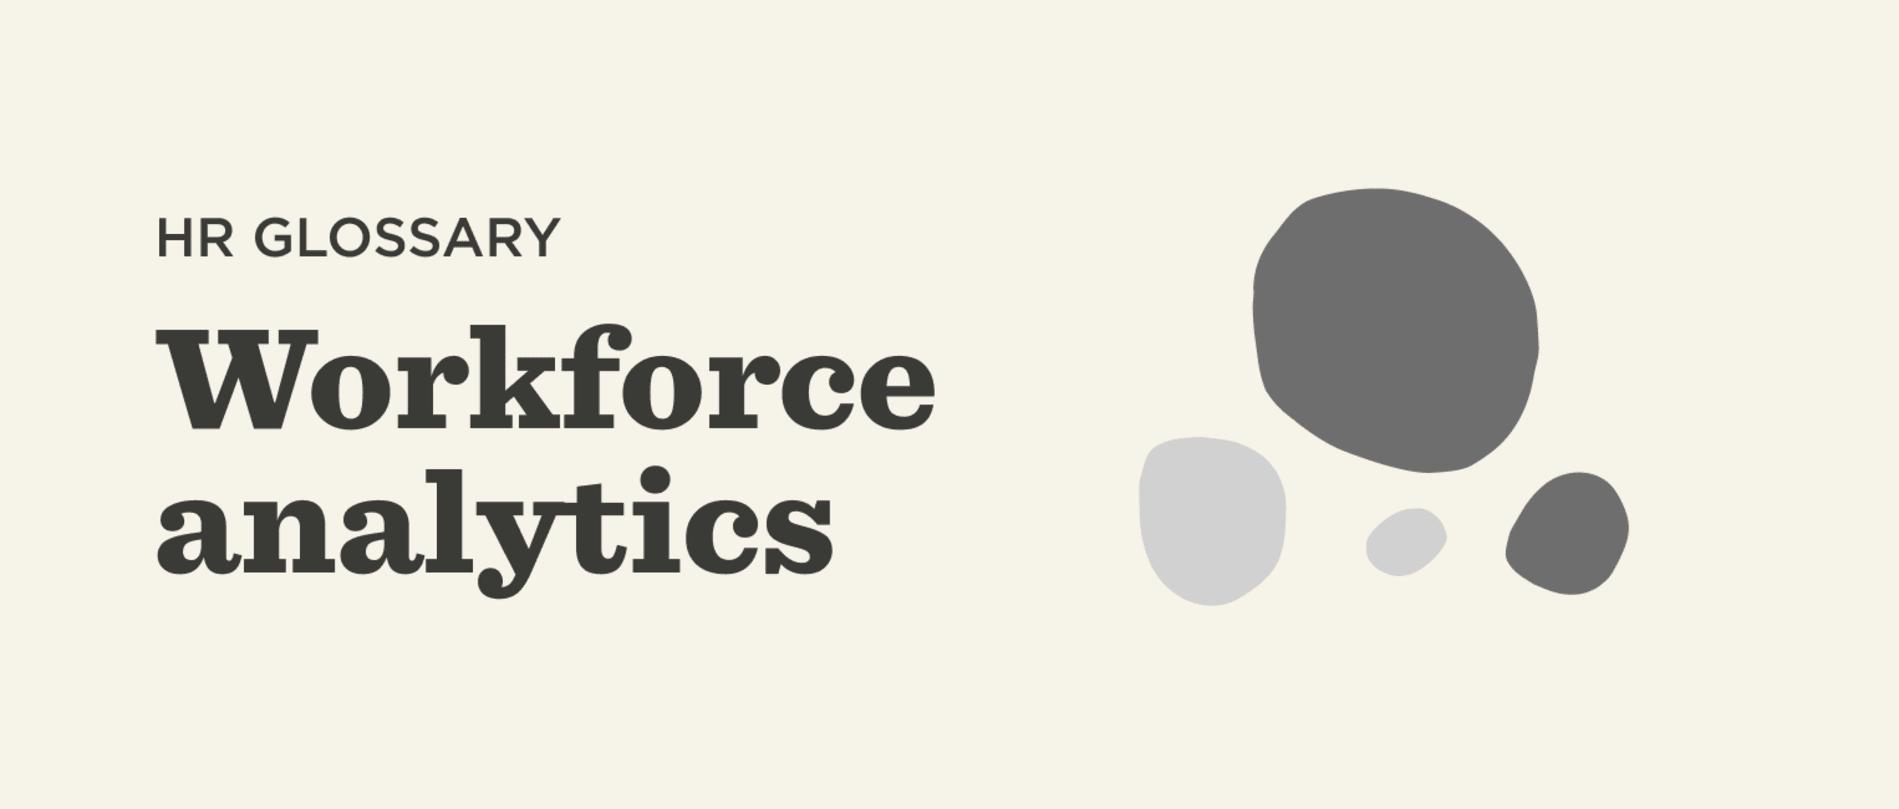 Workforce-analytics-Glossary-banner